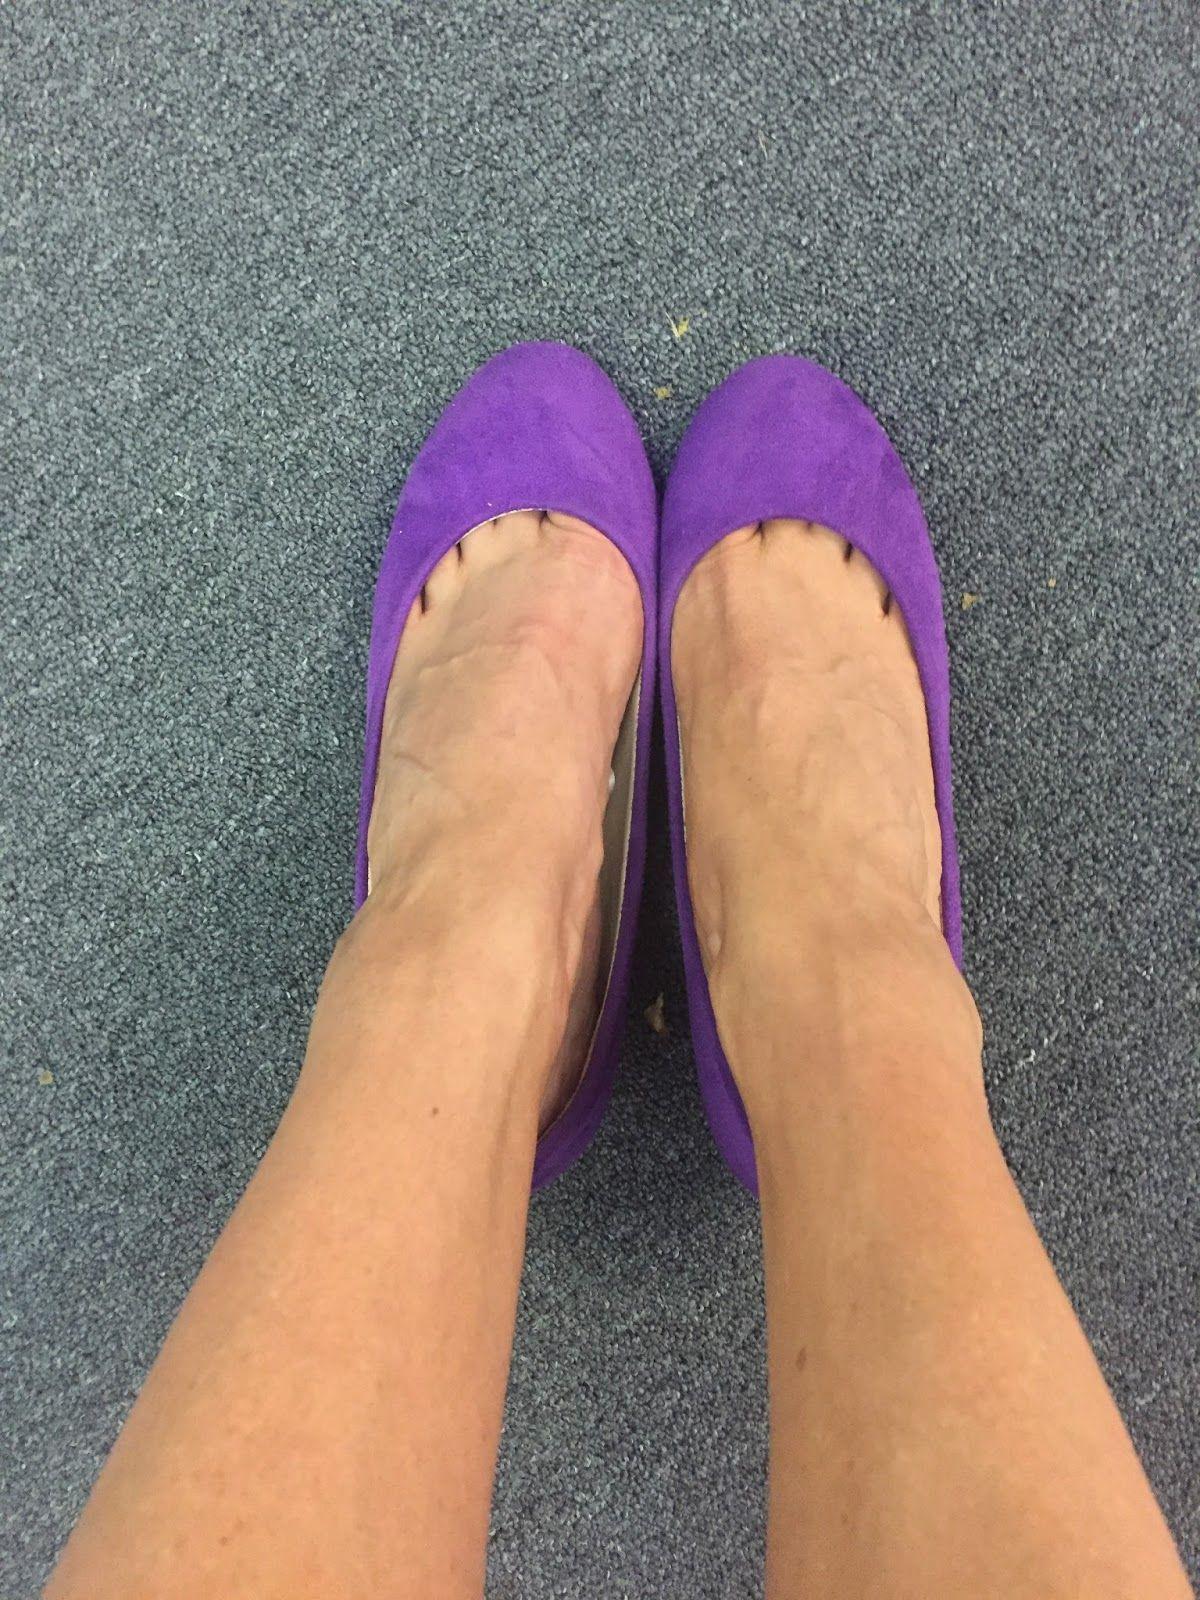 0af56af1a Briddys: Toe Cleavage Flats | Ballet flat | Ballet flats, Flats ...